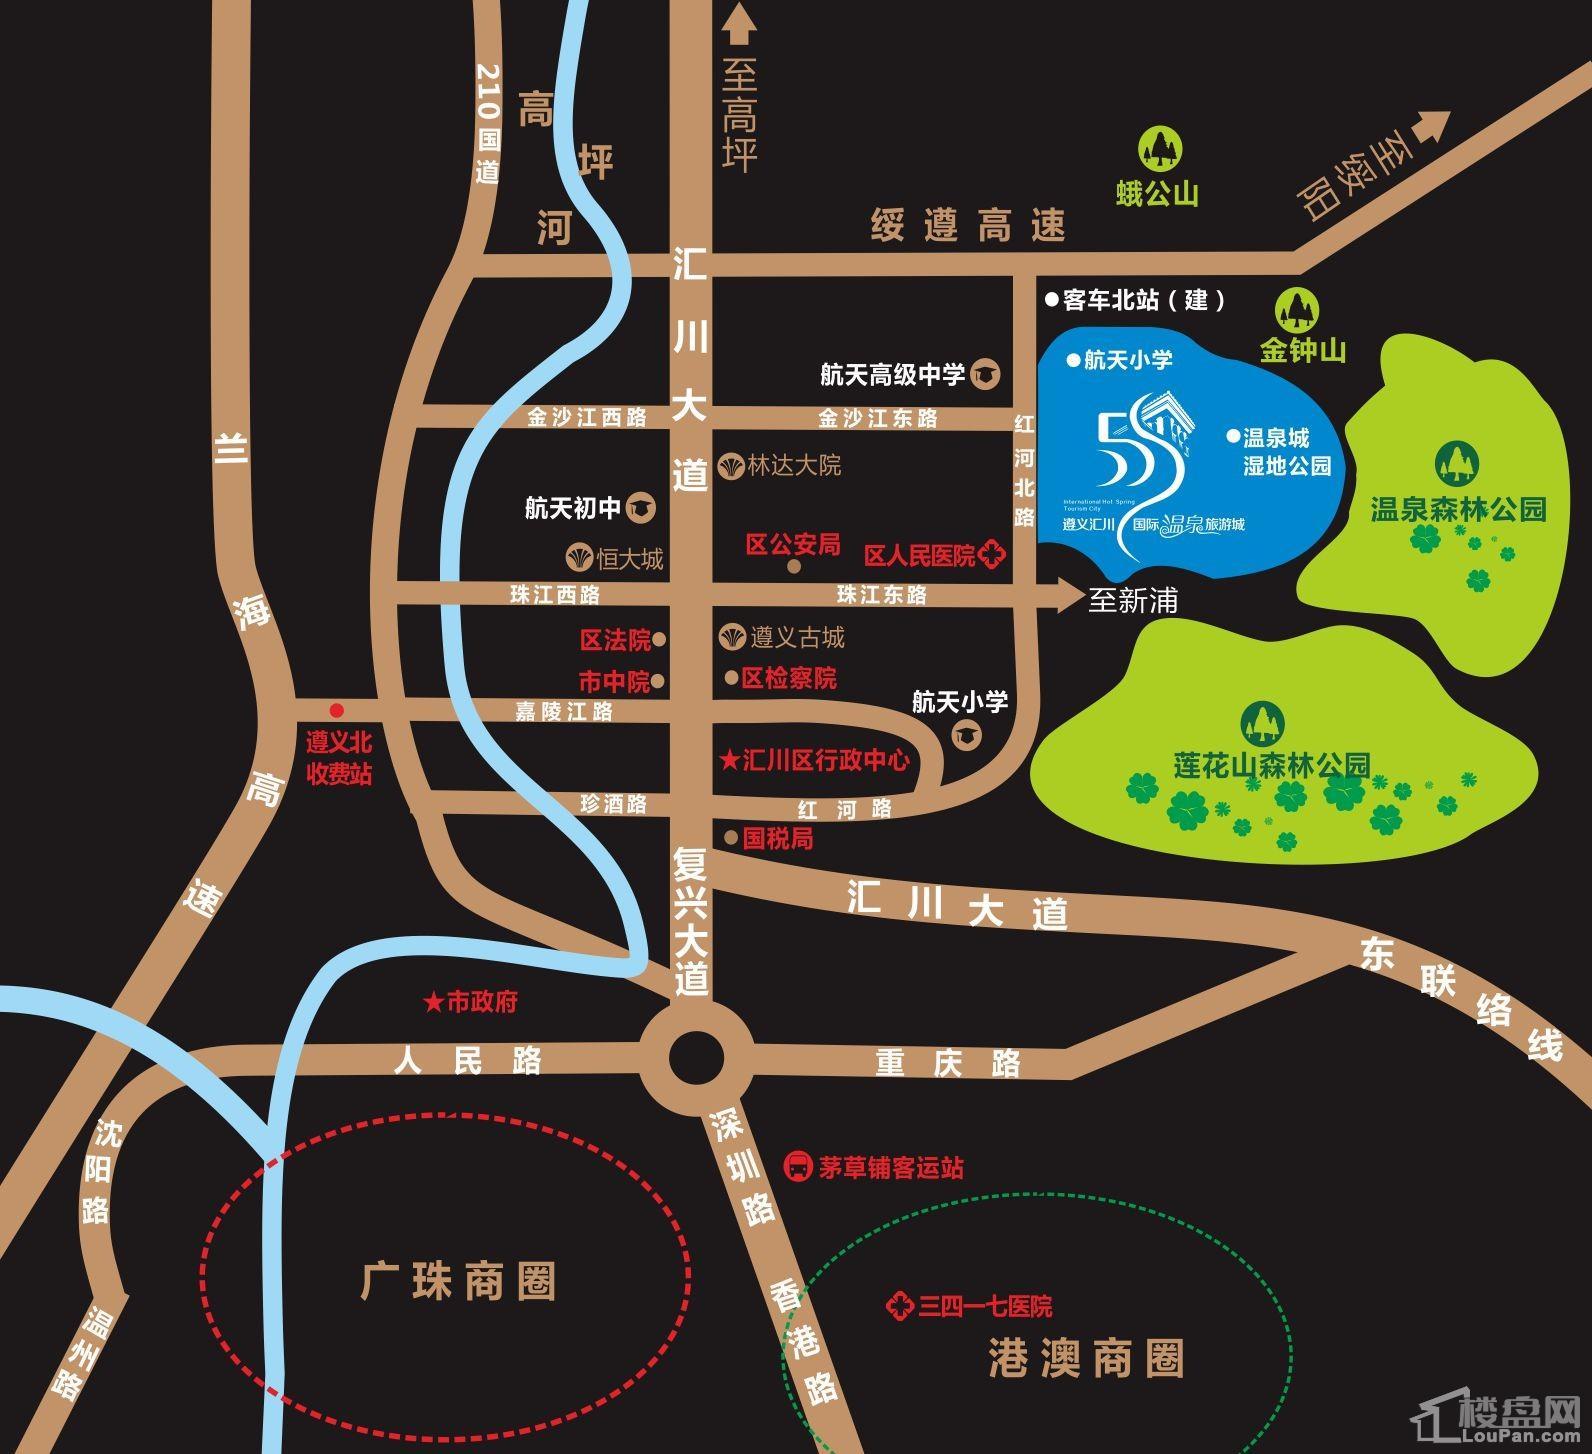 遵义汇川国际温泉旅游城位置图